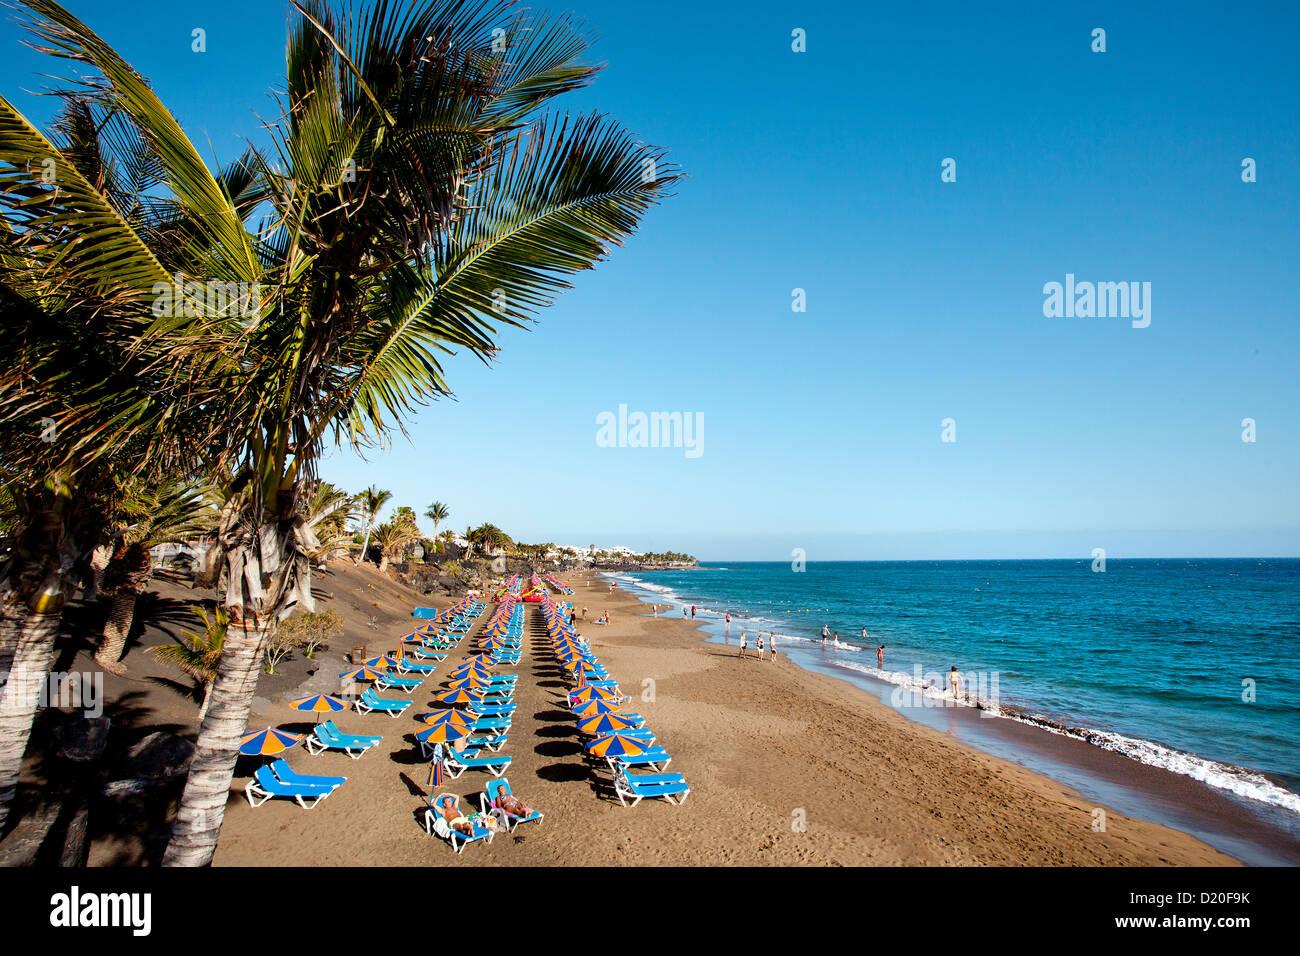 Playa Del Carmen Lanzarote